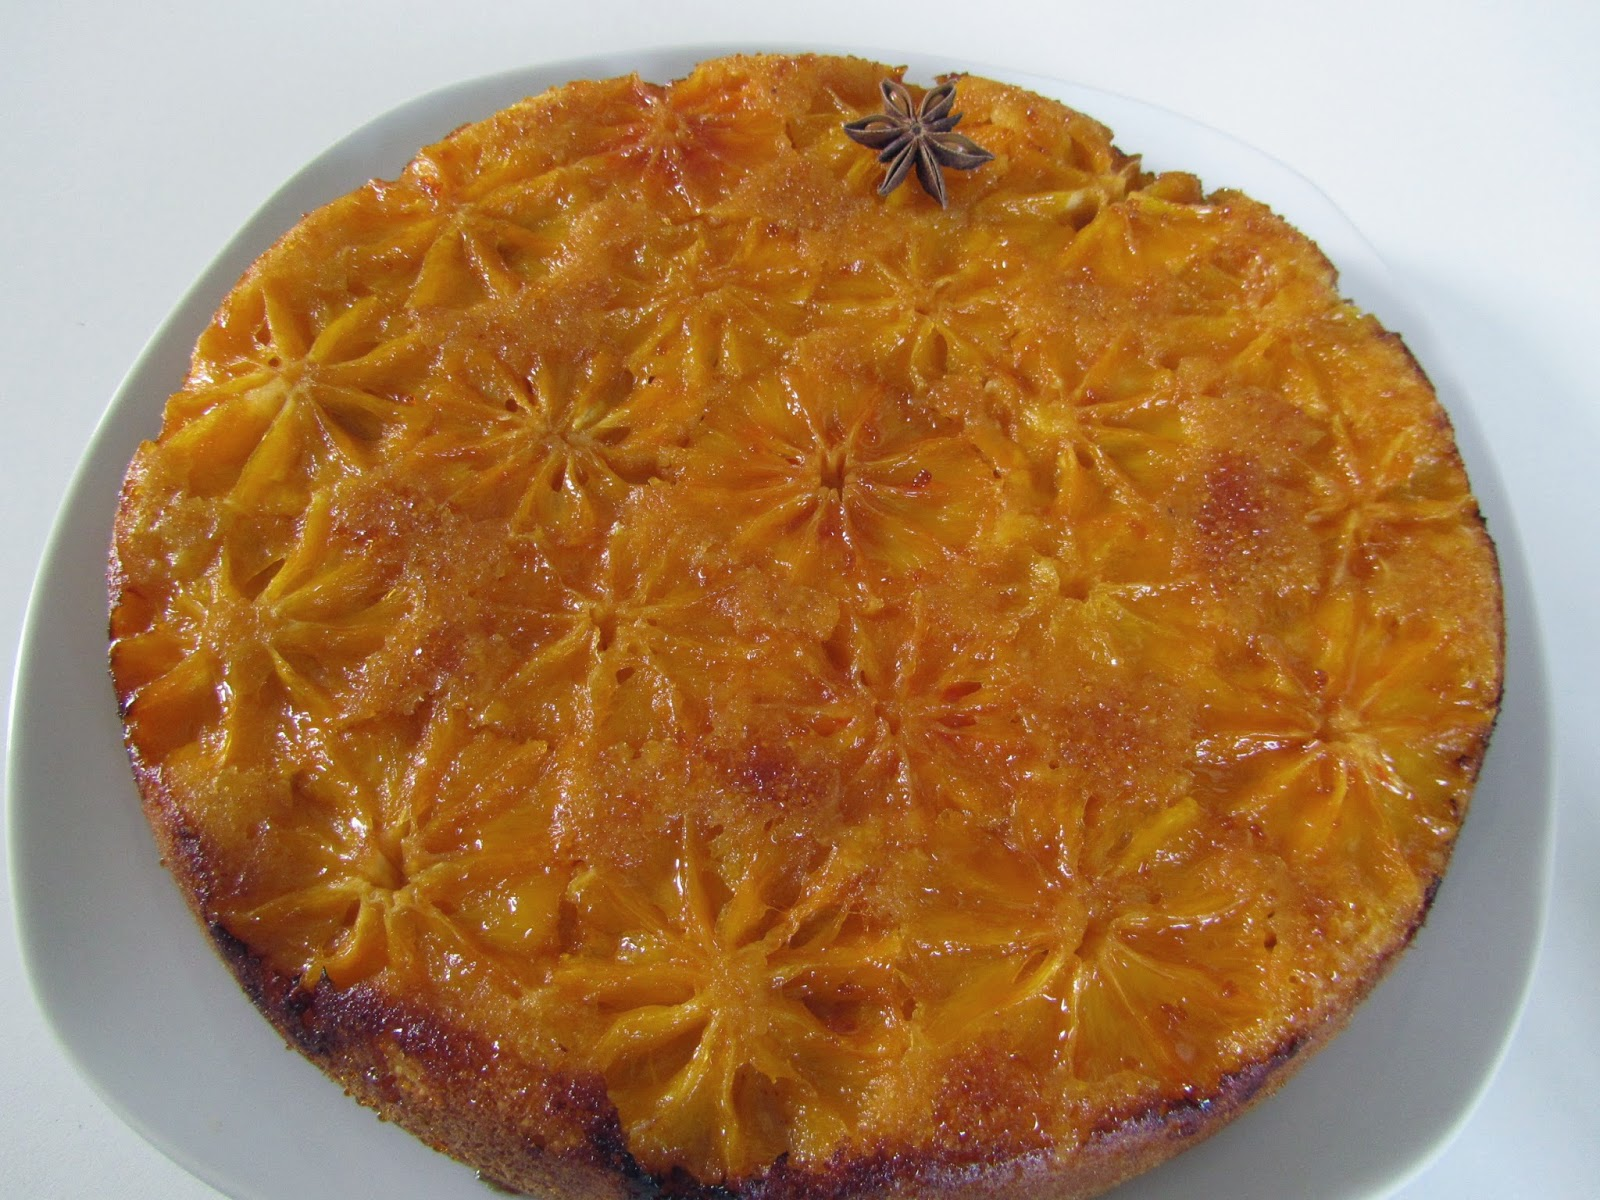 Gateau aux oranges de christophe michalak